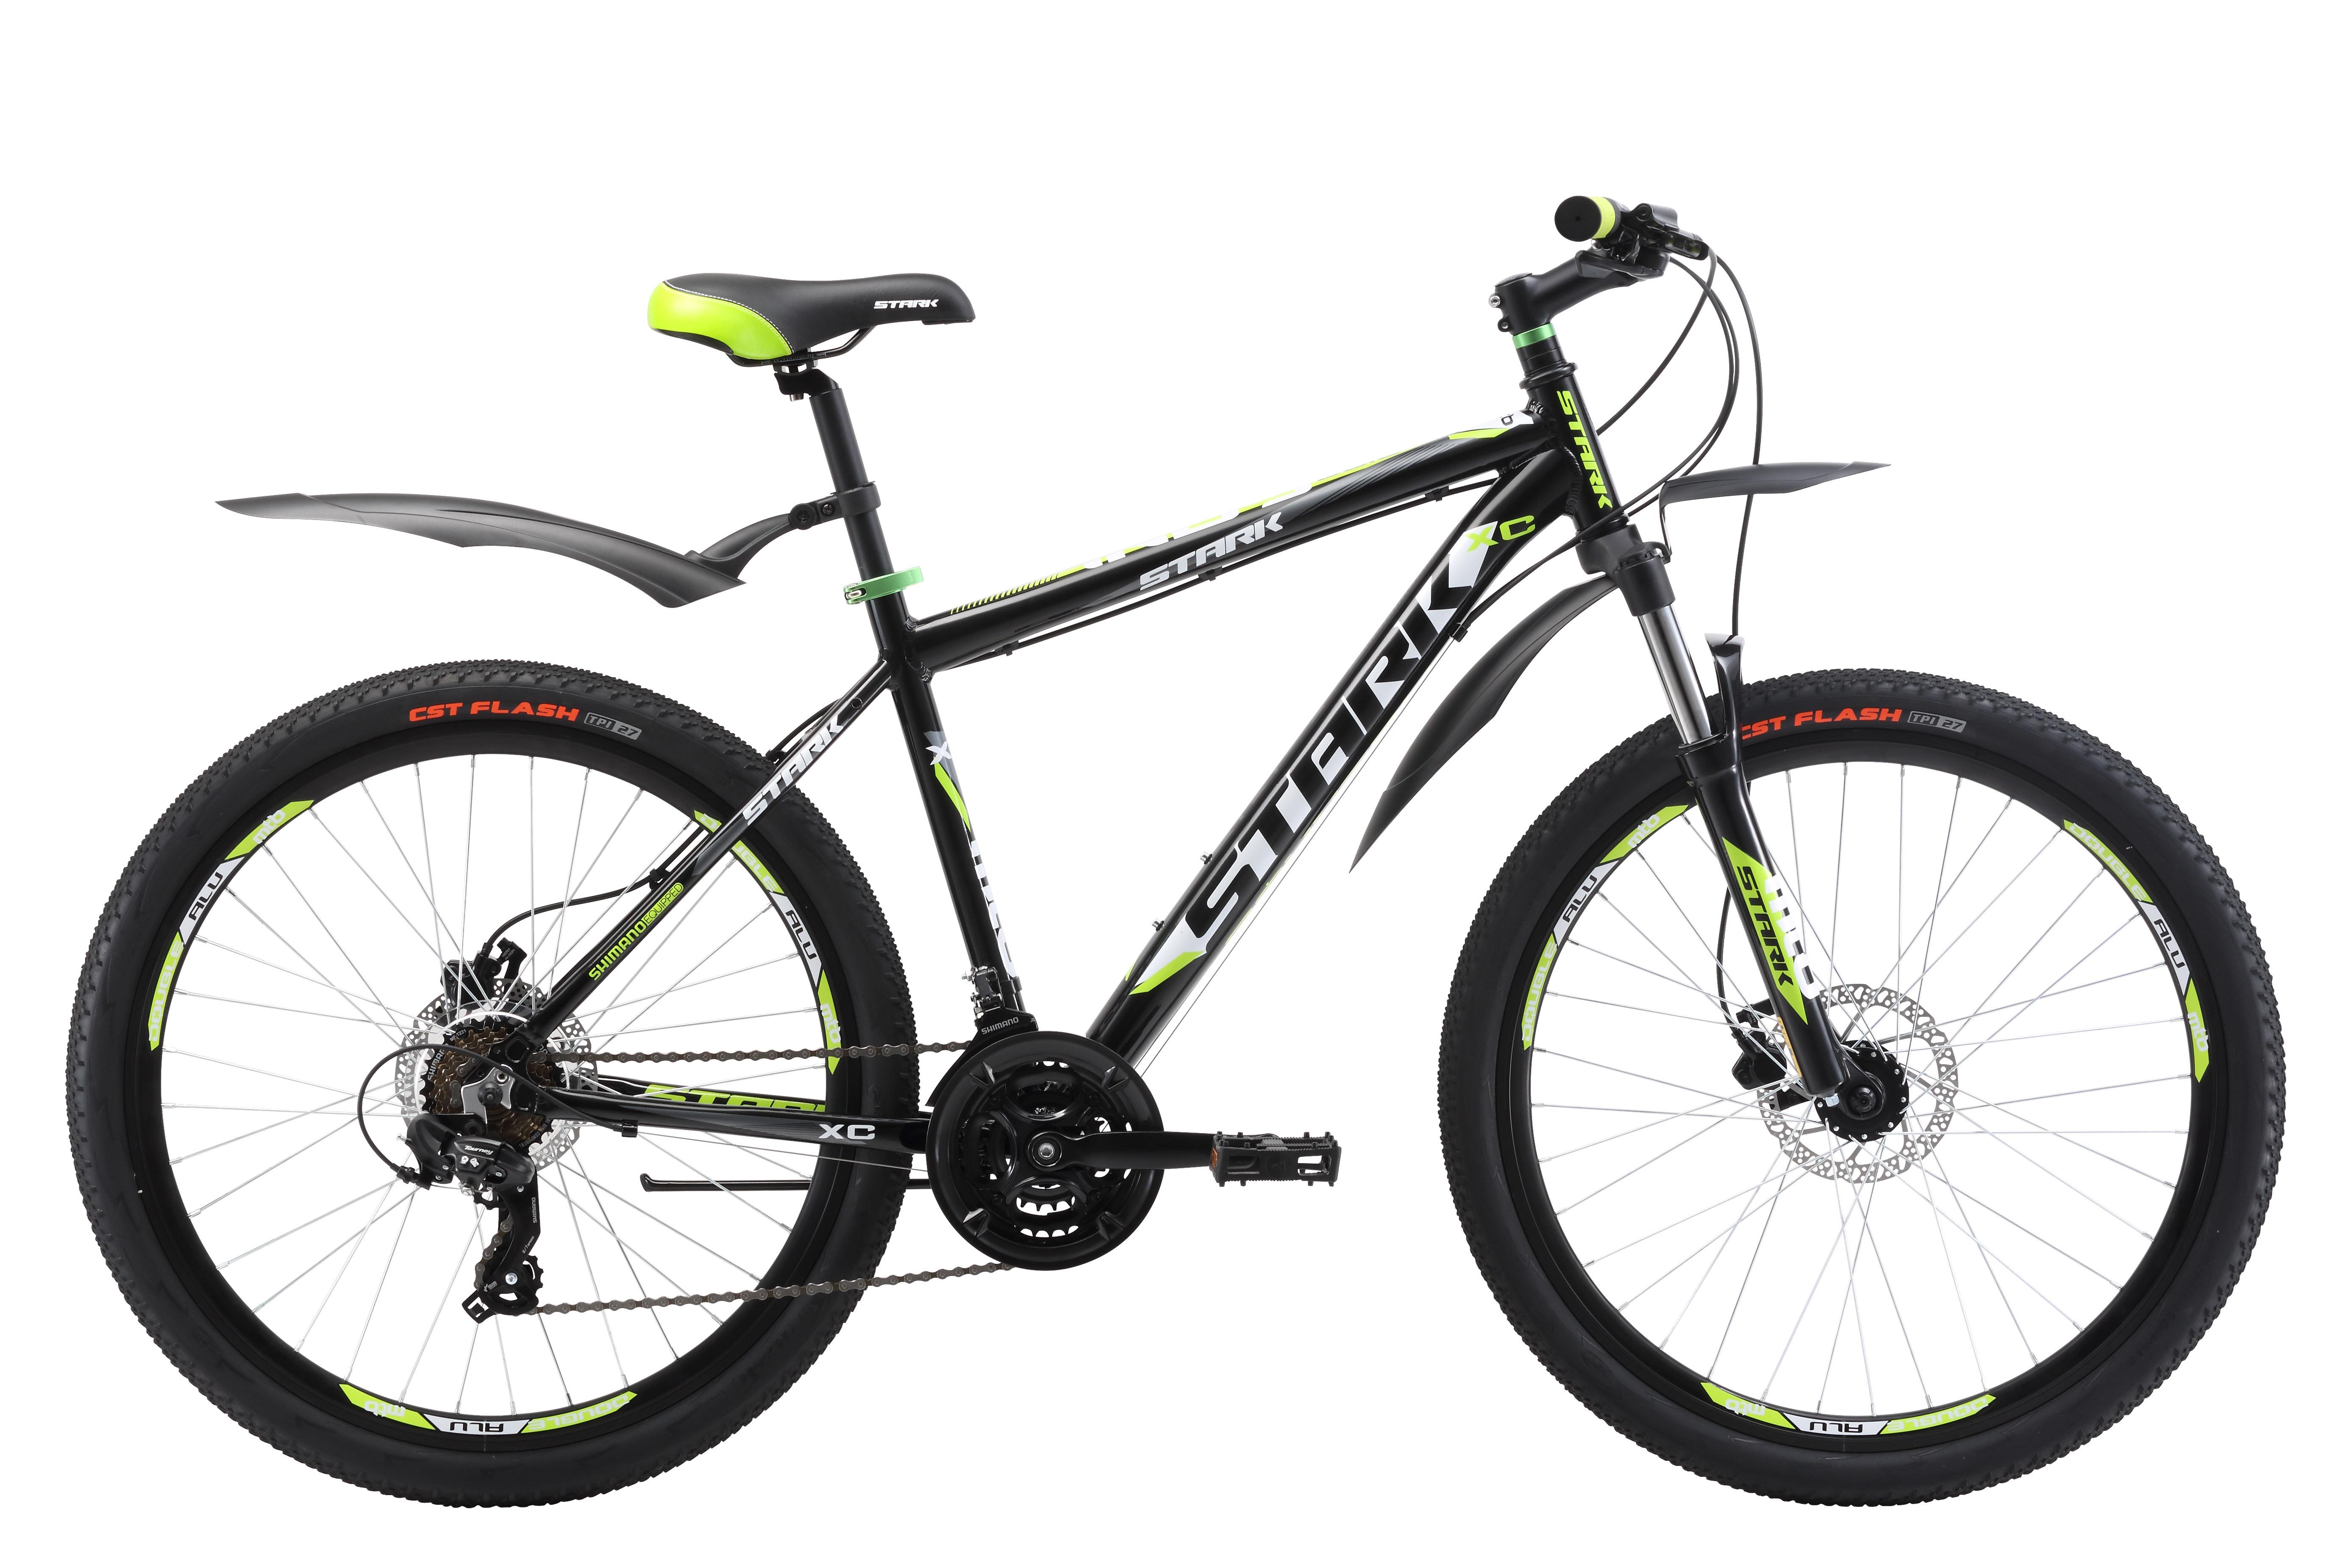 Велосипед Stark Indy 26.2 HD (2017) черно-зеленый 20КОЛЕСА 26 (СТАНДАРТ)<br>Надёжный и недорогой велосипед, который отлично подойдёт для езды по дорогам и пересеченной местности. Лёгкая алюминиевая рама имеет крепкий рулевой. Трансмиссия велосипеда оборудована 21 передачей, что позволяет более точно подбирать нагрузку. Навесное оборудование, а именно переключатели скоростей #40;передний и задний#41;, кассета и монетки - известного бренда SHIMANO. Особенностью этой модели являются дисковые гидравлические тормоза и обода Alloy double wall с двойной стенкой, они прочнее и жёстче. В модели 2017 года установлена новая вилка, которая имеет блокировку и preload, блокировка будет удобна при подъеме в гору и разгоне, а preload поможет настроить жёсткость. Помимо этого производитель добавил литой вынос без сварки, а также кольцо под вынос, благодаря этому конструкция стала прочнее, а руль может устанавливаться выше.<br><br>бренд: STARK<br>год: 2017<br>рама: Алюминий (Alloy)<br>вилка: Амортизационная (пружина)<br>блокировка амортизатора: Да<br>диаметр колес: 26<br>тормоза: Дисковые гидравлические<br>уровень оборудования: Начальный<br>количество скоростей: 21<br>Цвет: черно-зеленый<br>Размер: 20